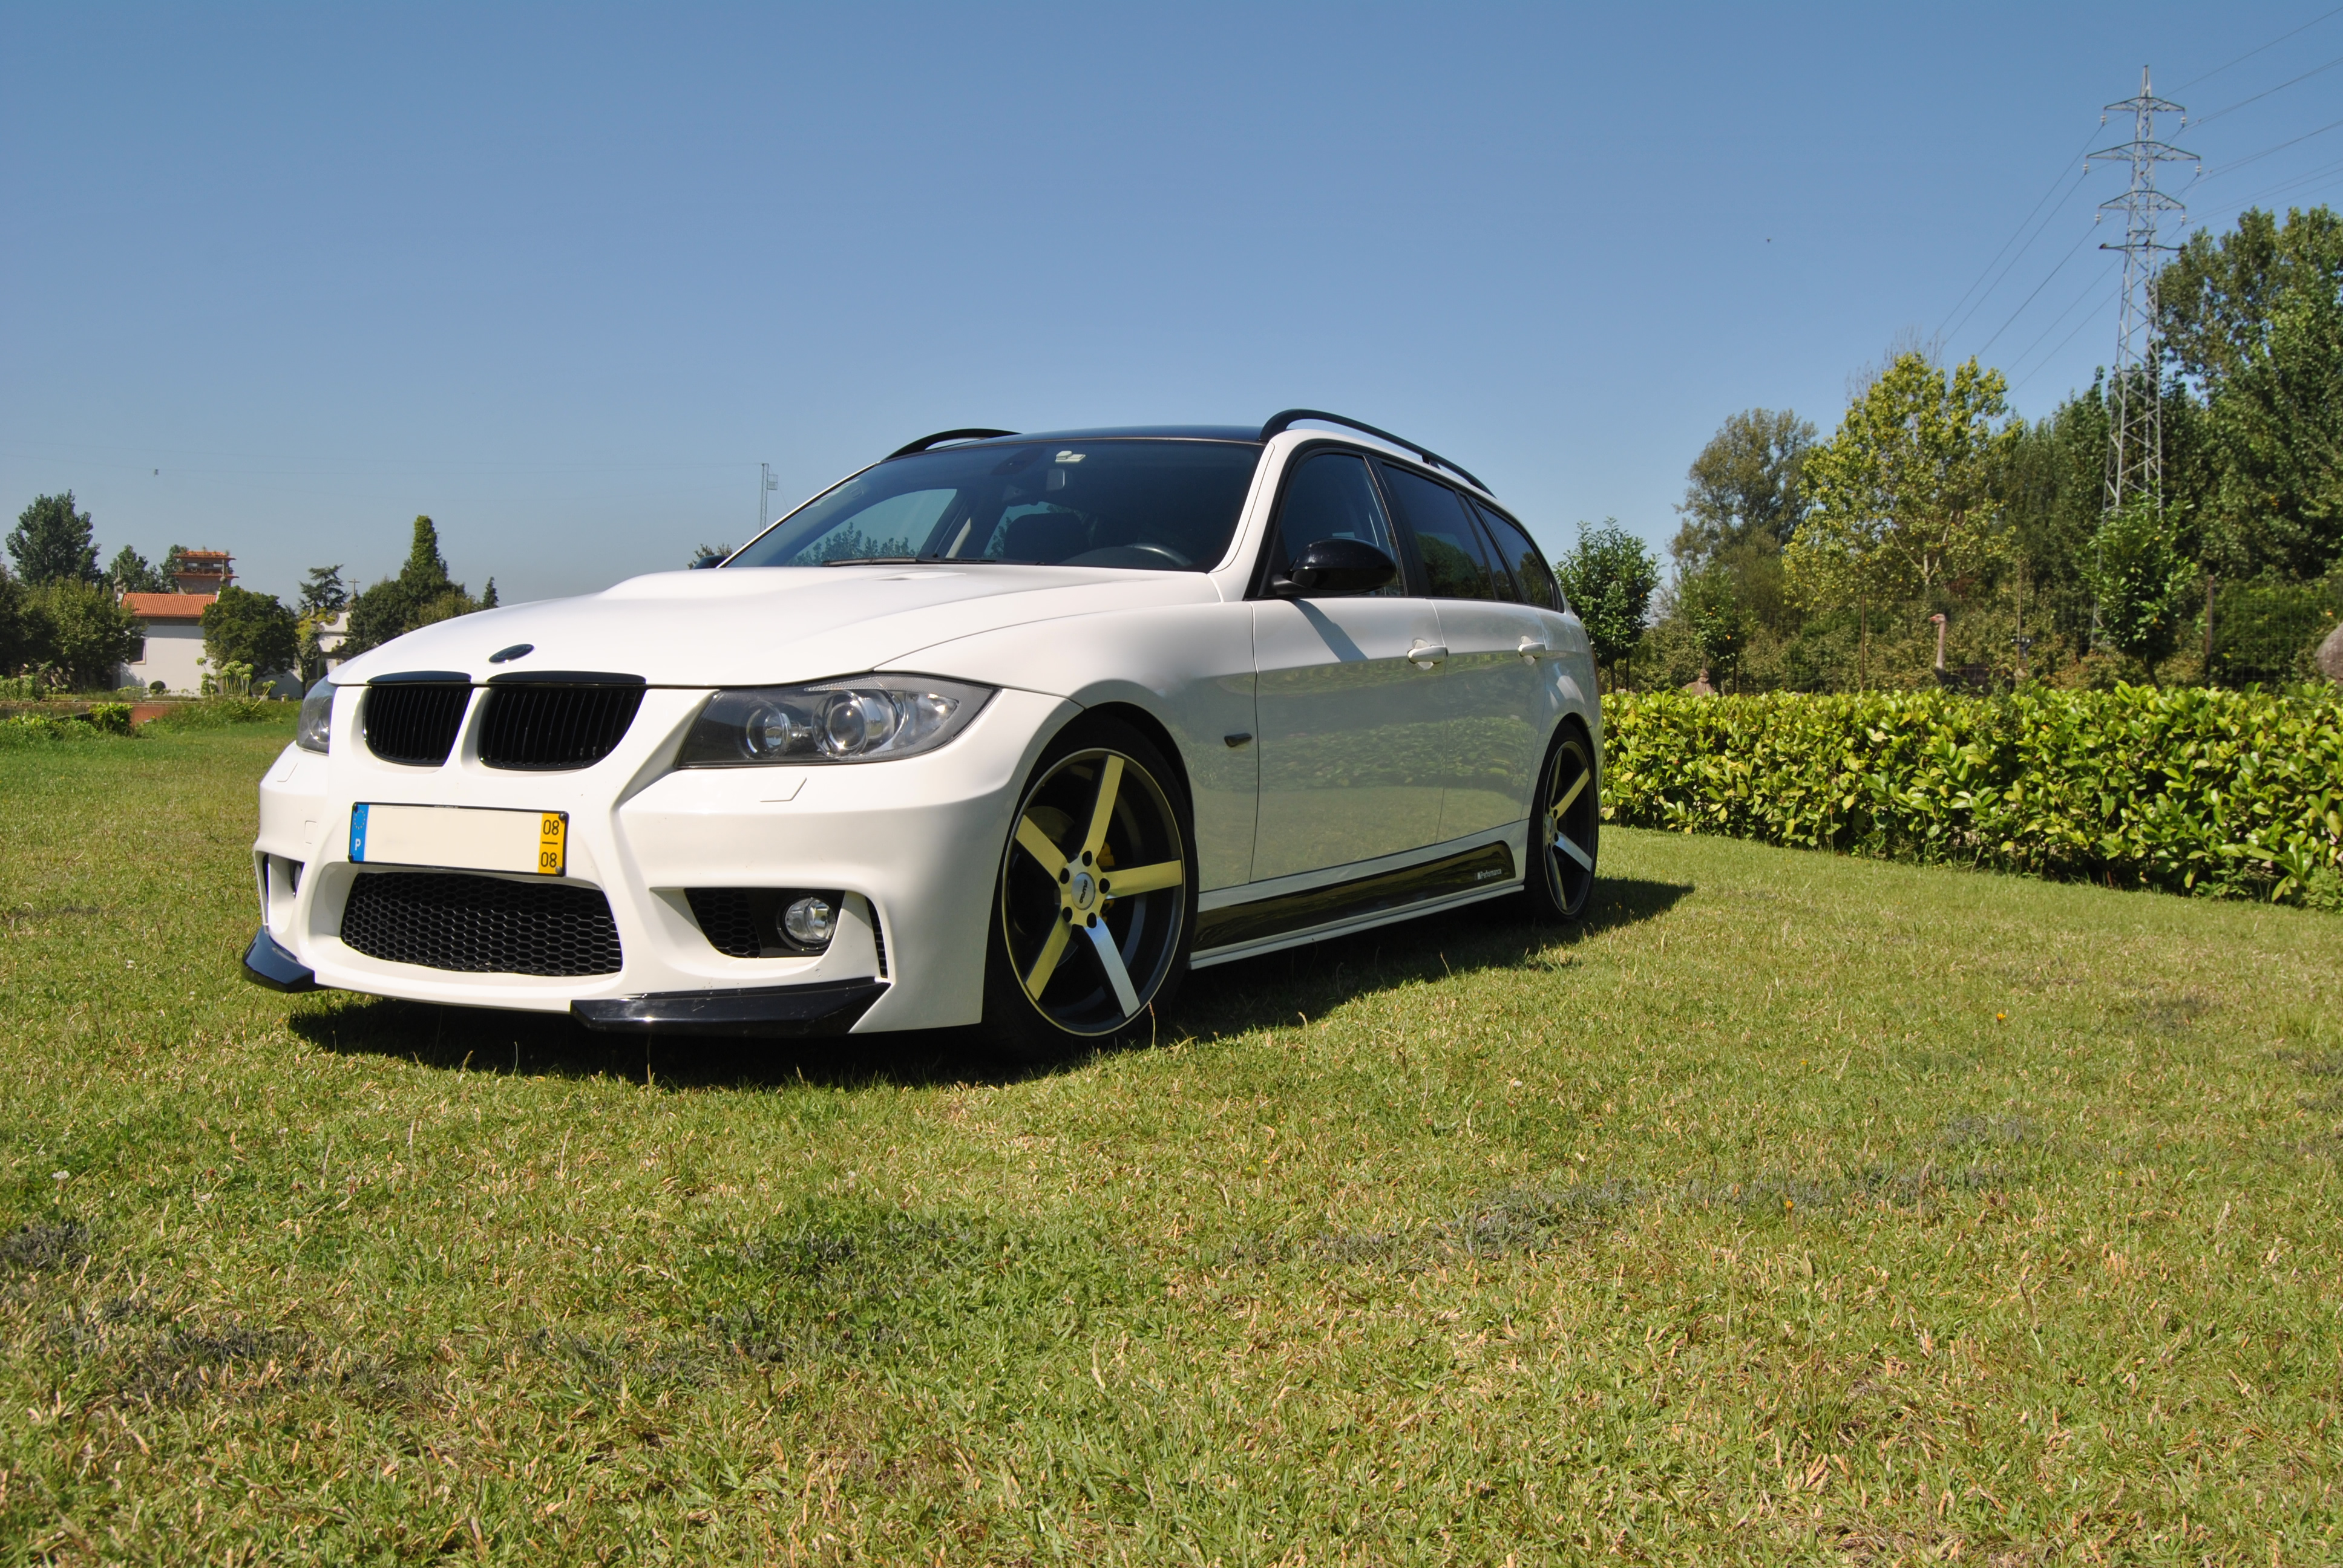 BMW E91 by Modderna